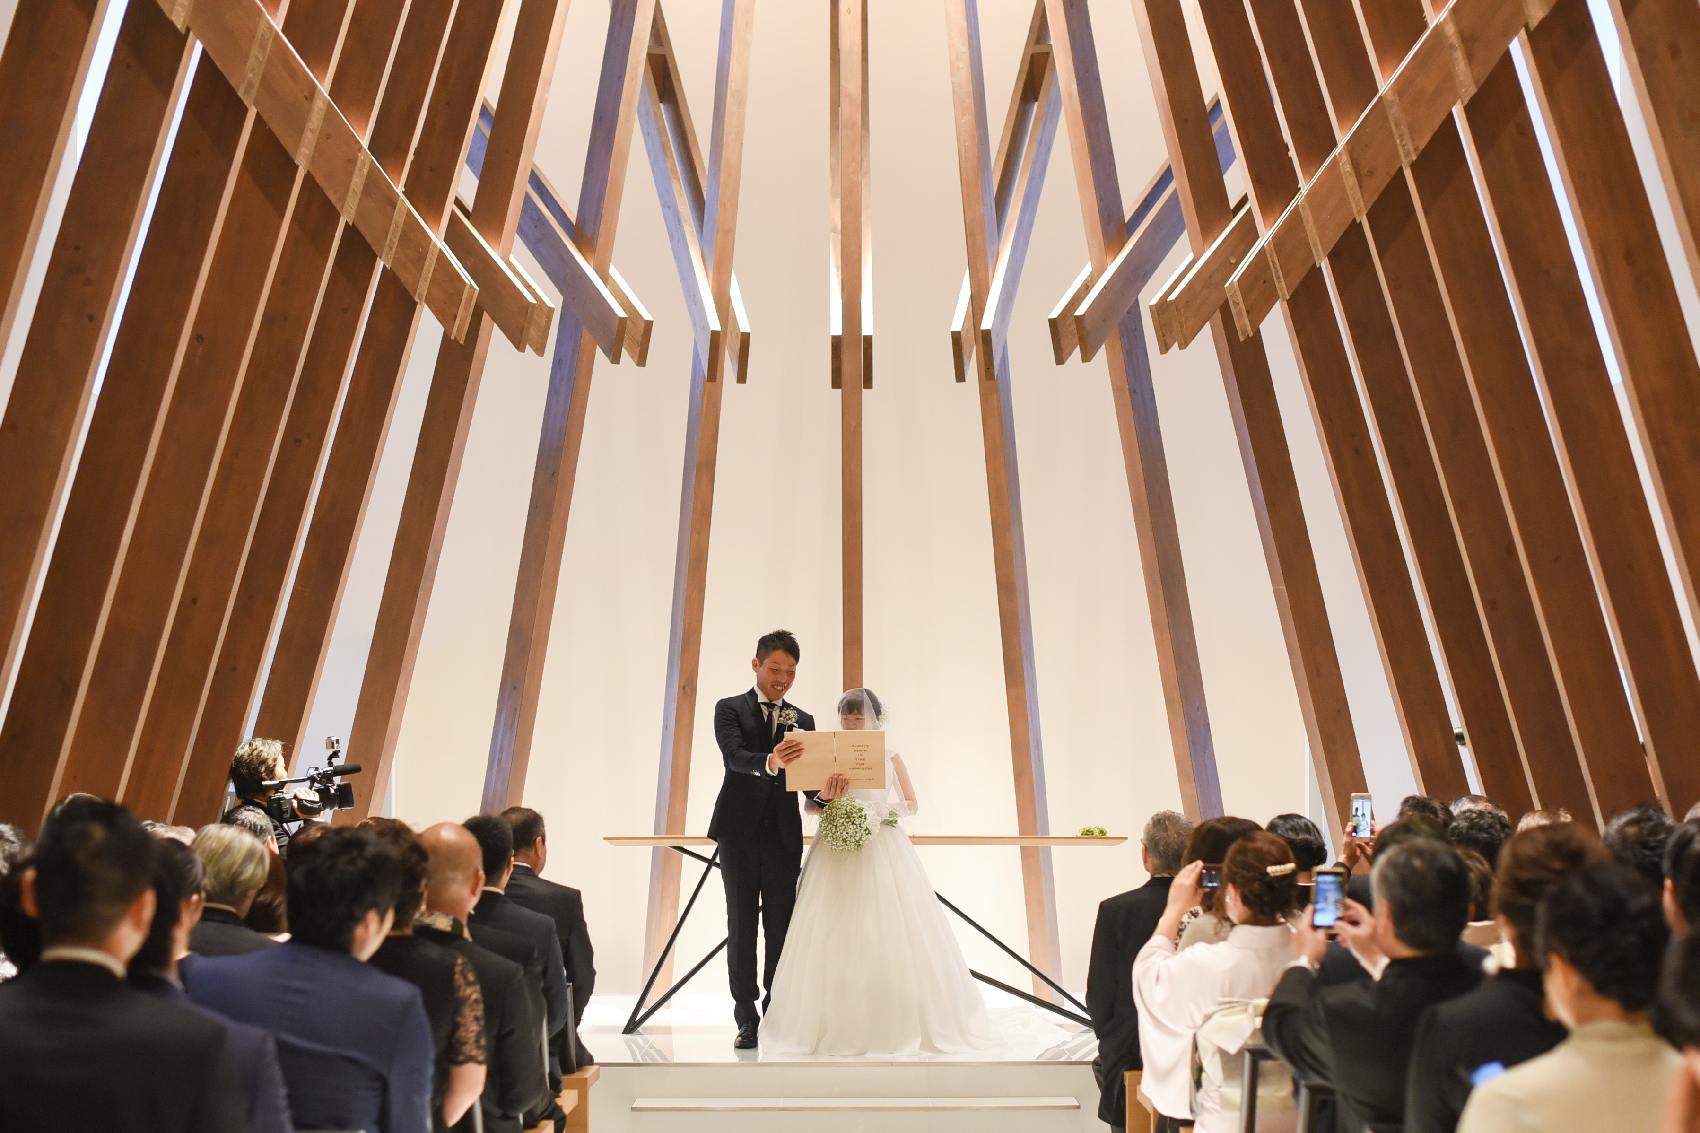 香川県高松市の結婚式場アナザースタイルの挙式での誓いの言葉